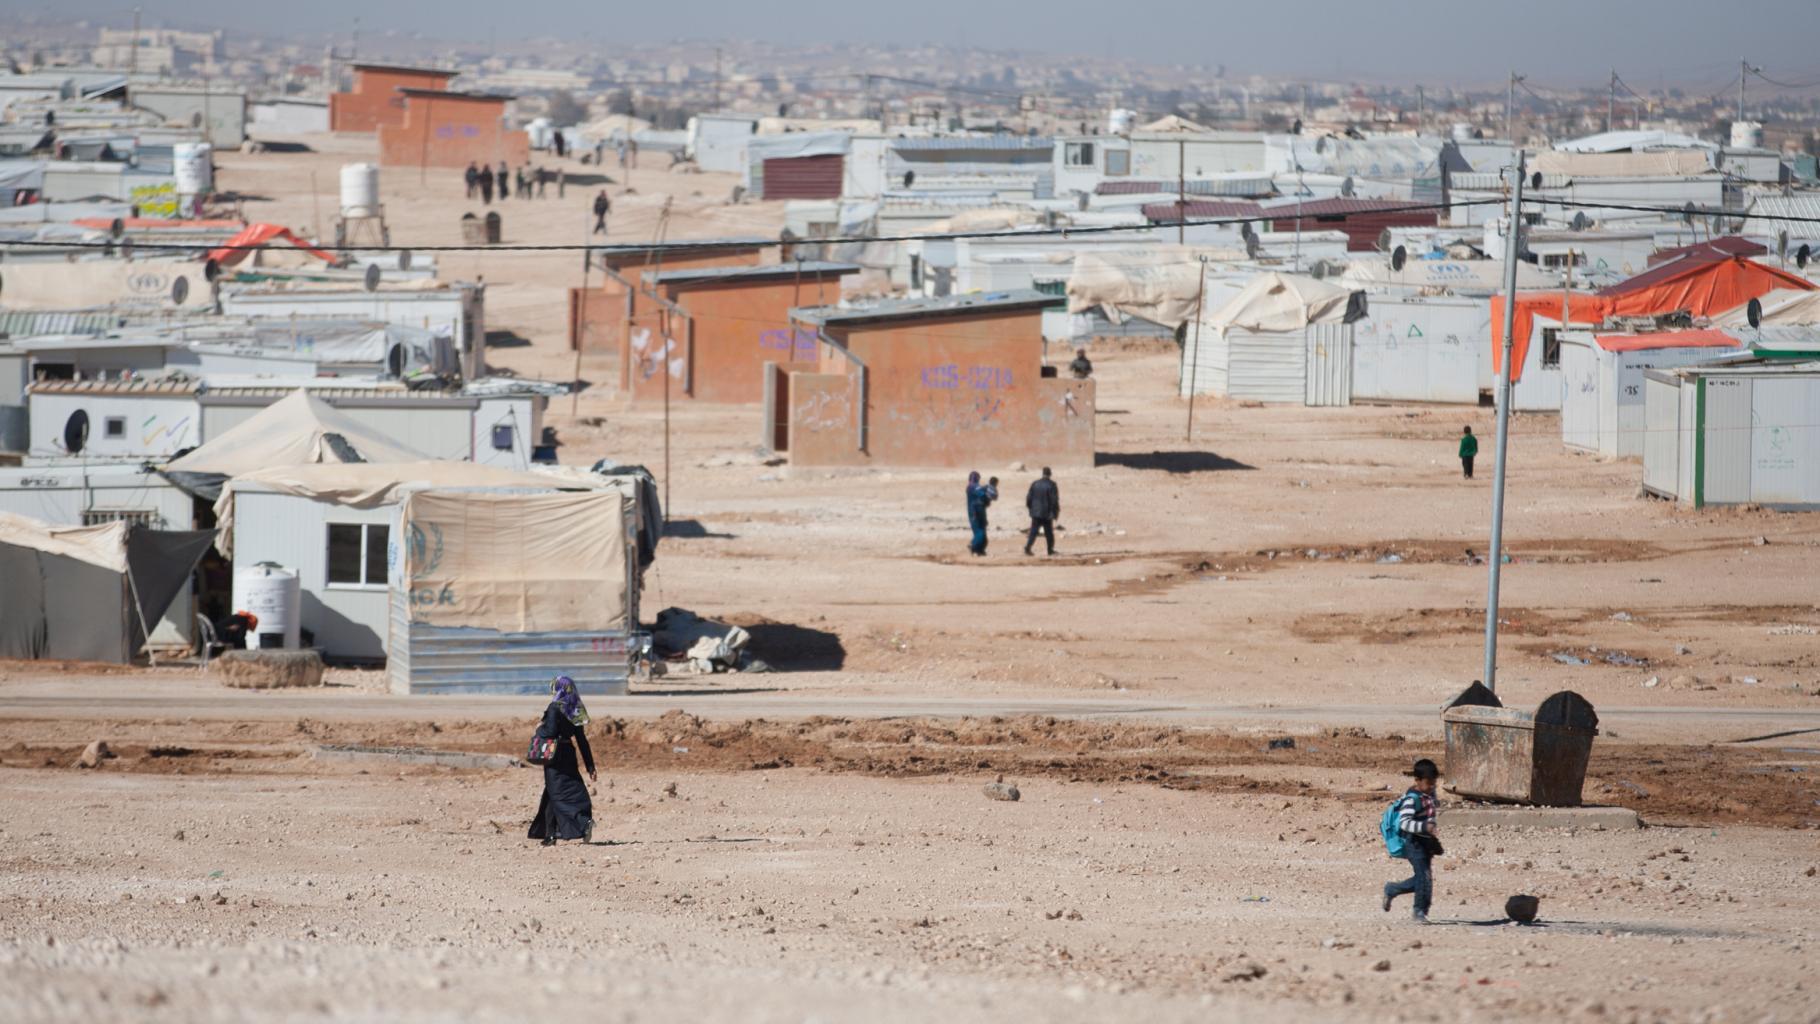 Zataari Refugee Camp in Jordanien